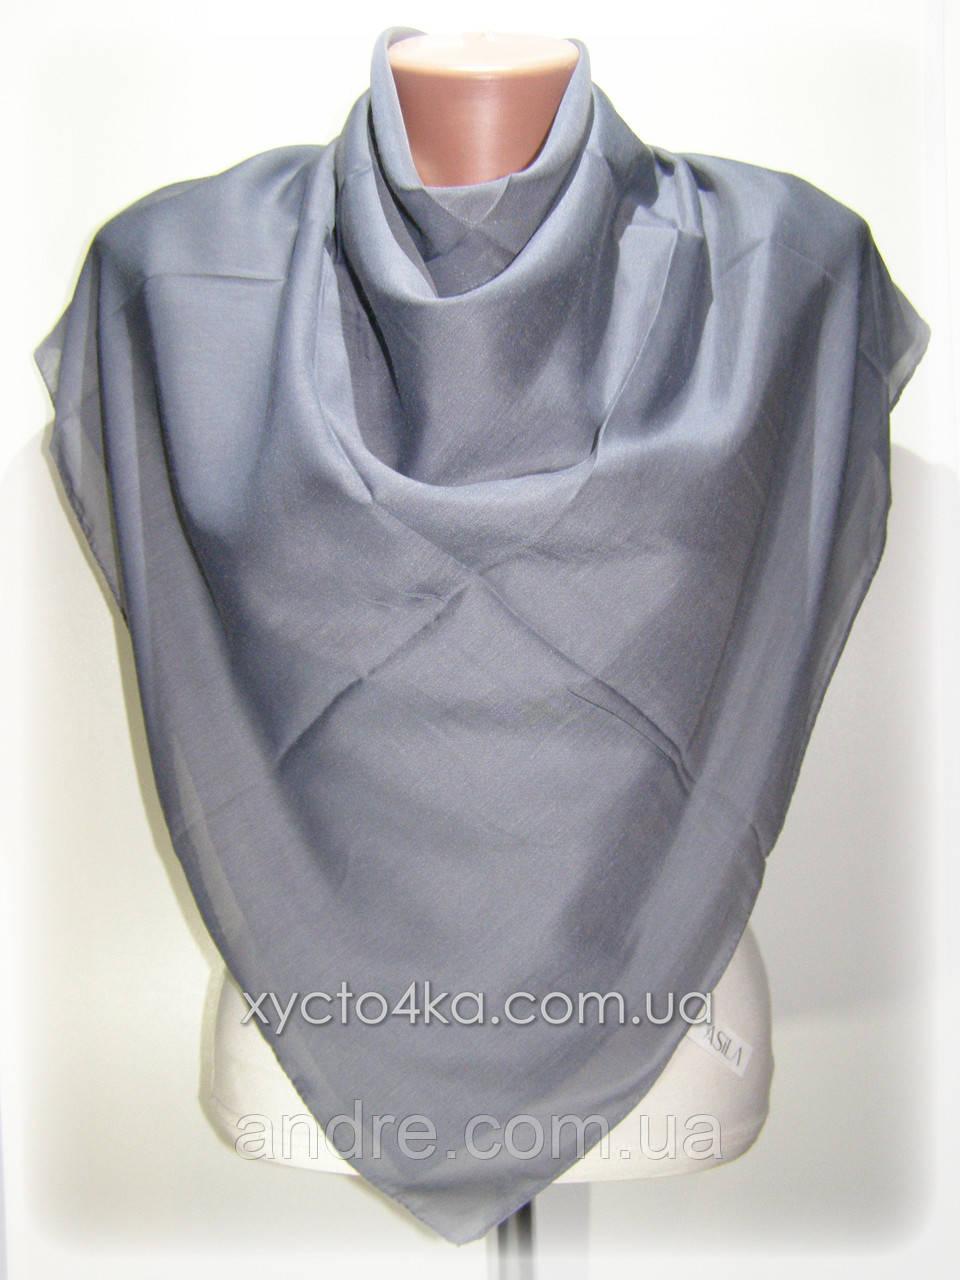 Лёгкие однотонные платки платки Изабелла, графитовый